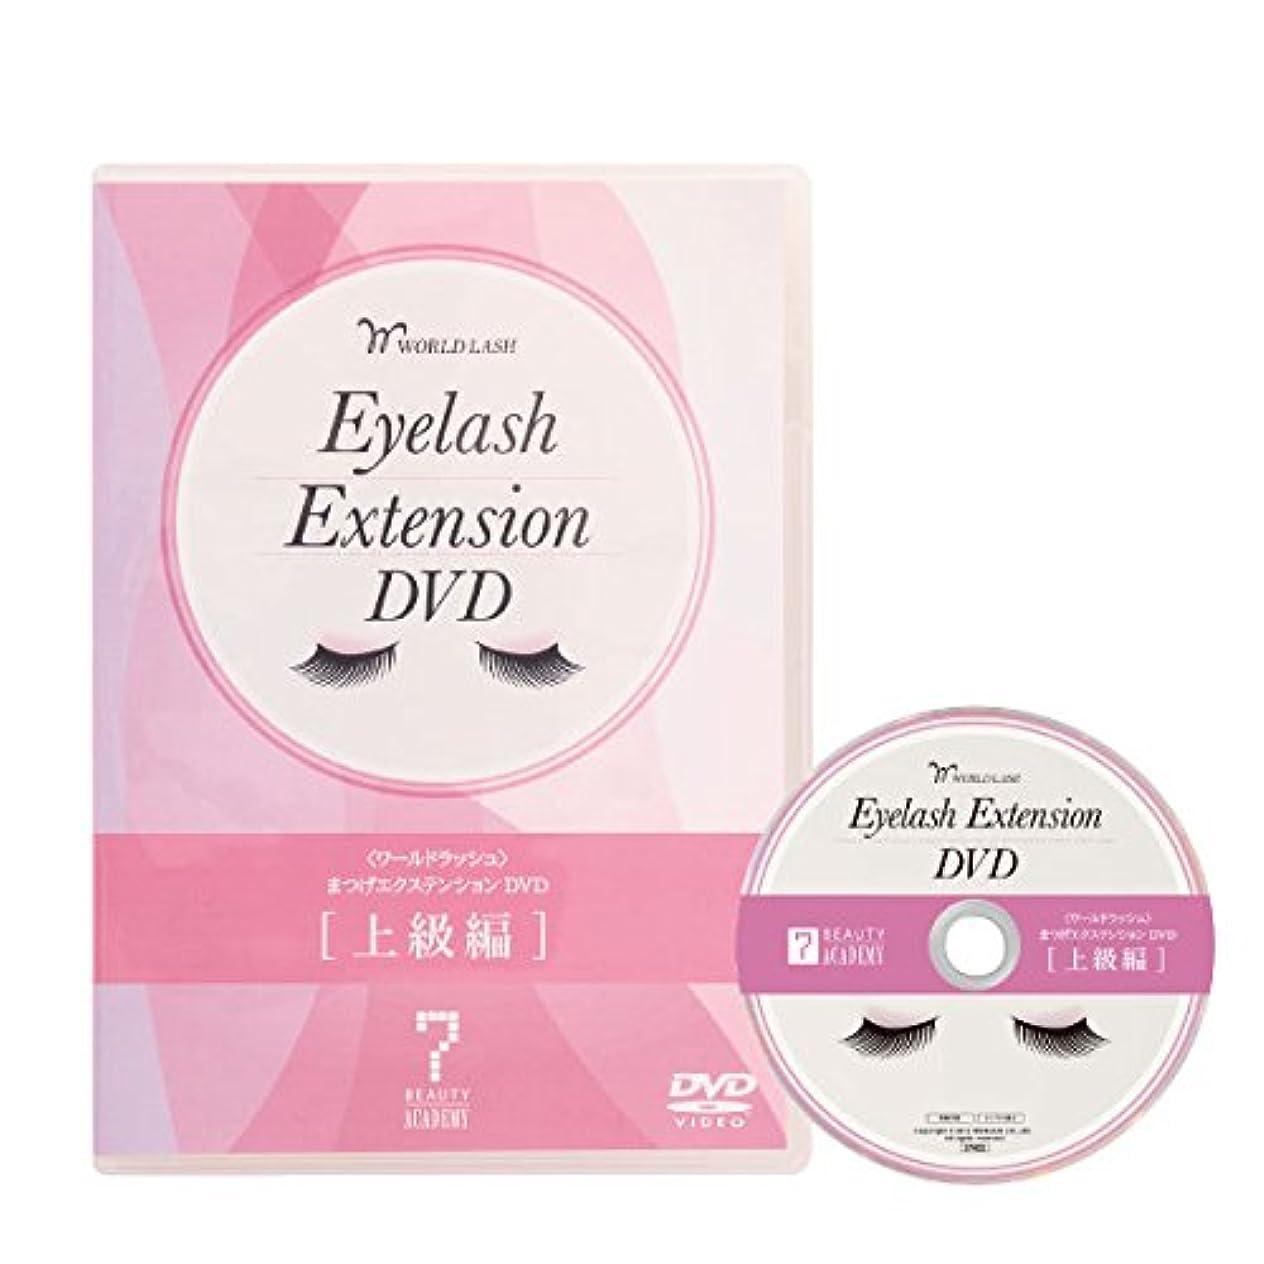 失敗共同選択脱獄< WORLD LASH > まつげエクステンション DVD (上級編) [ 教材 テキスト DVD まつげエクステ まつ毛エクステ まつエク マツエク サロン用 ]